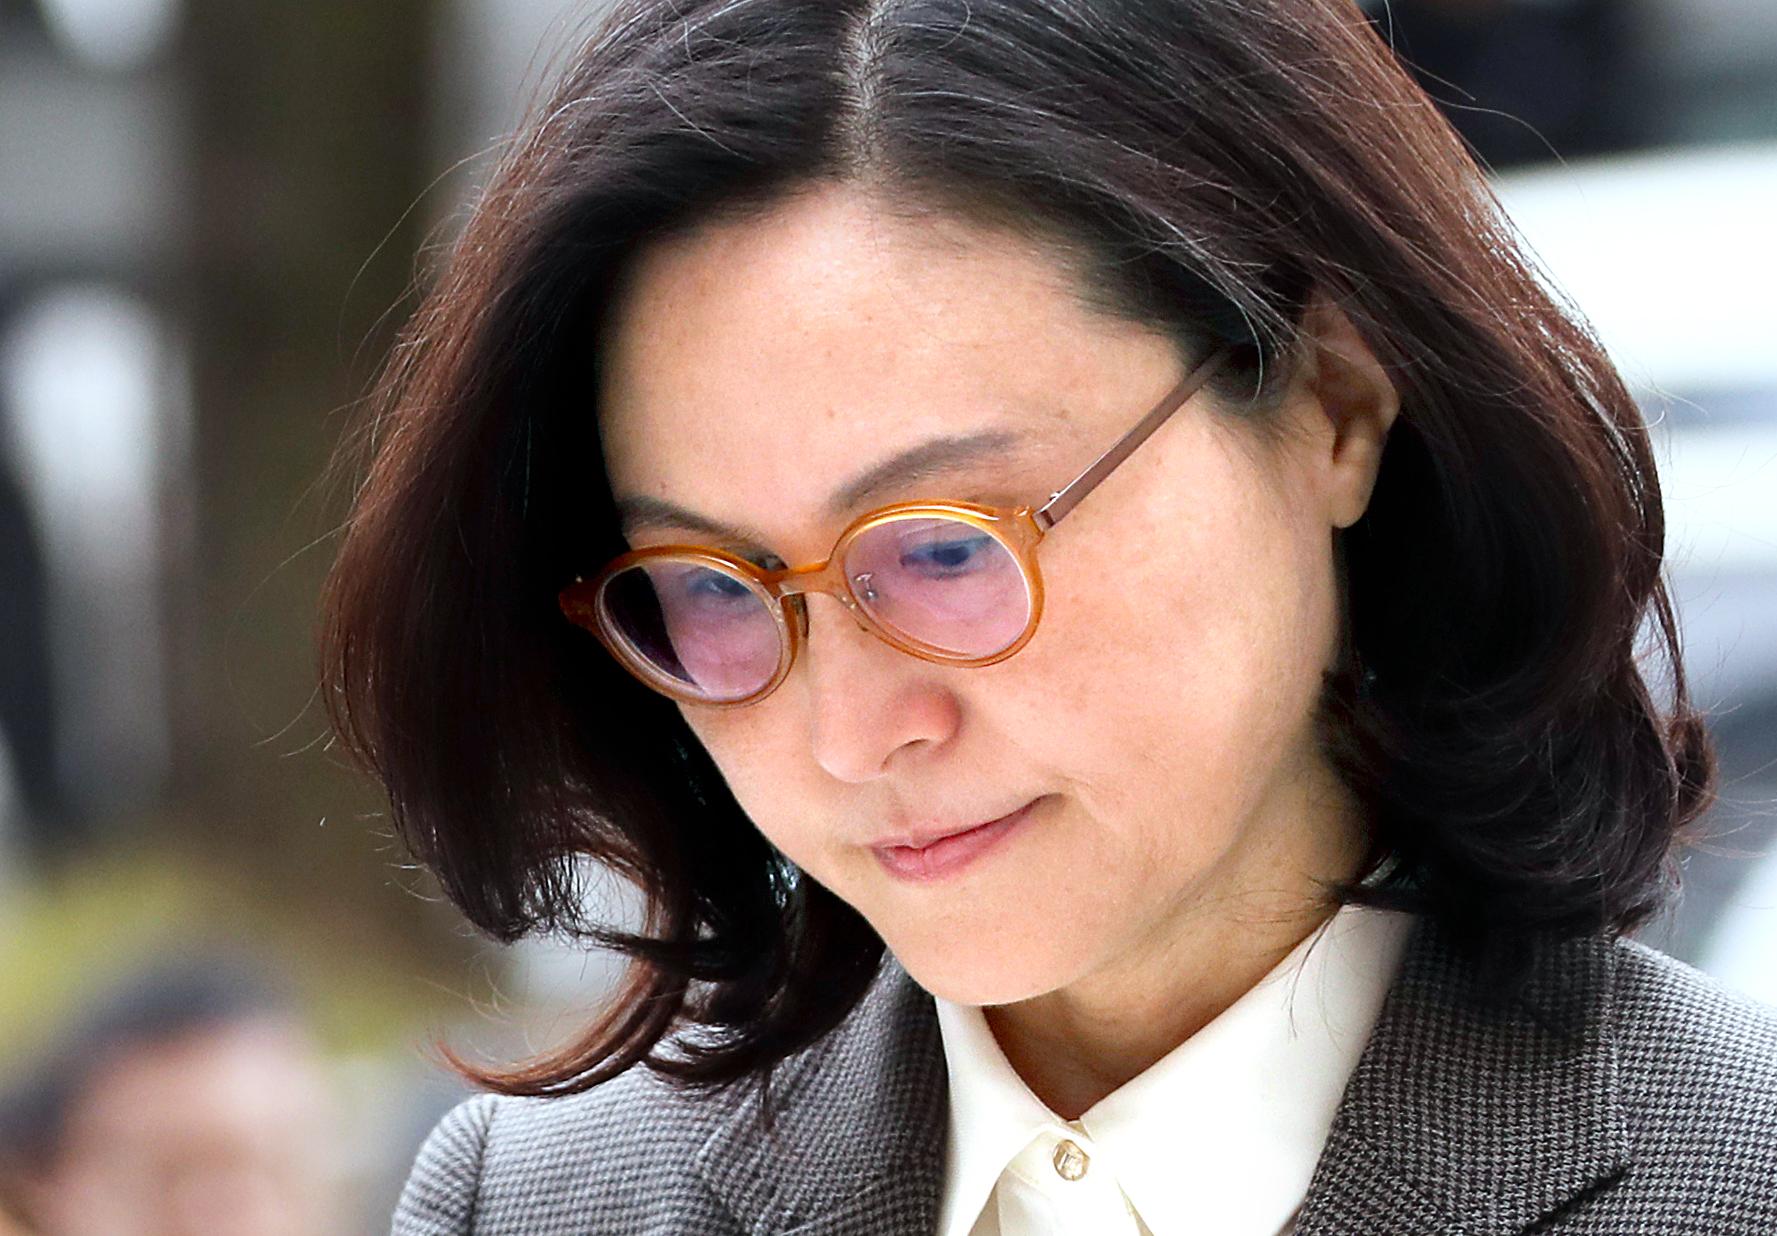 조국 전 법무부 장관의 부인 정경심 동양대학교 교수. 뉴시스